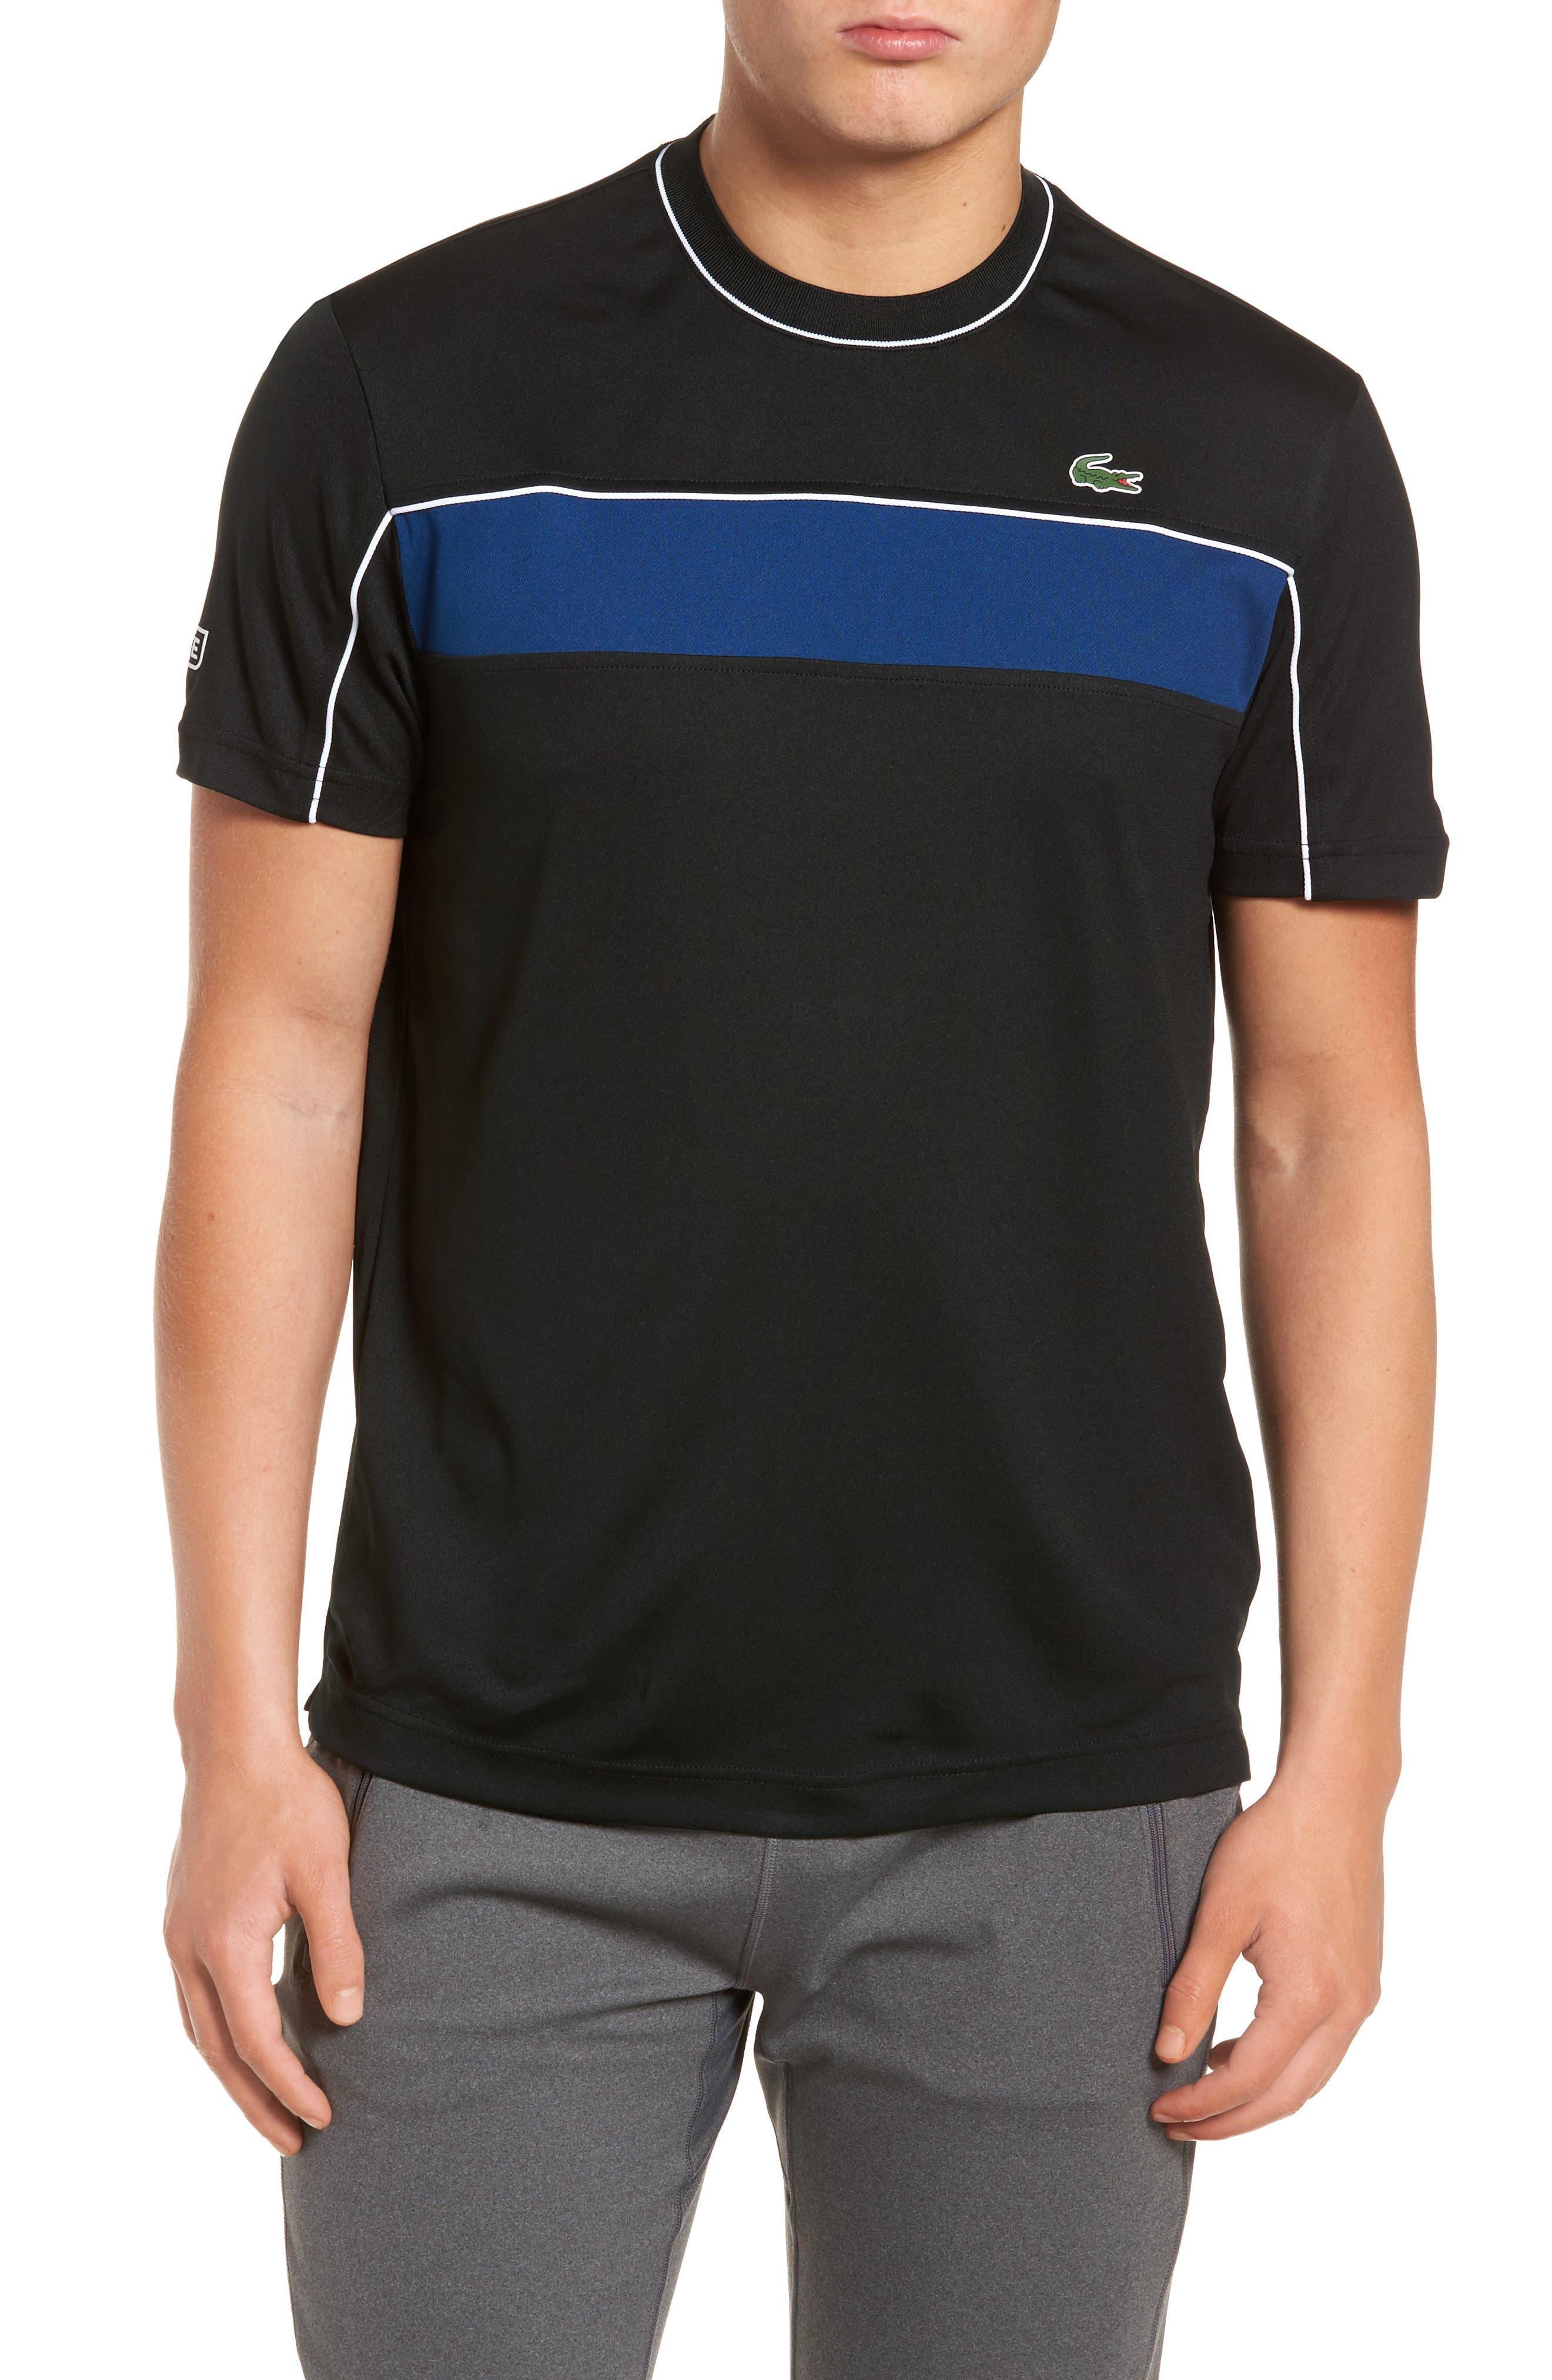 Main Image - Lacoste Piqué T-Shirt